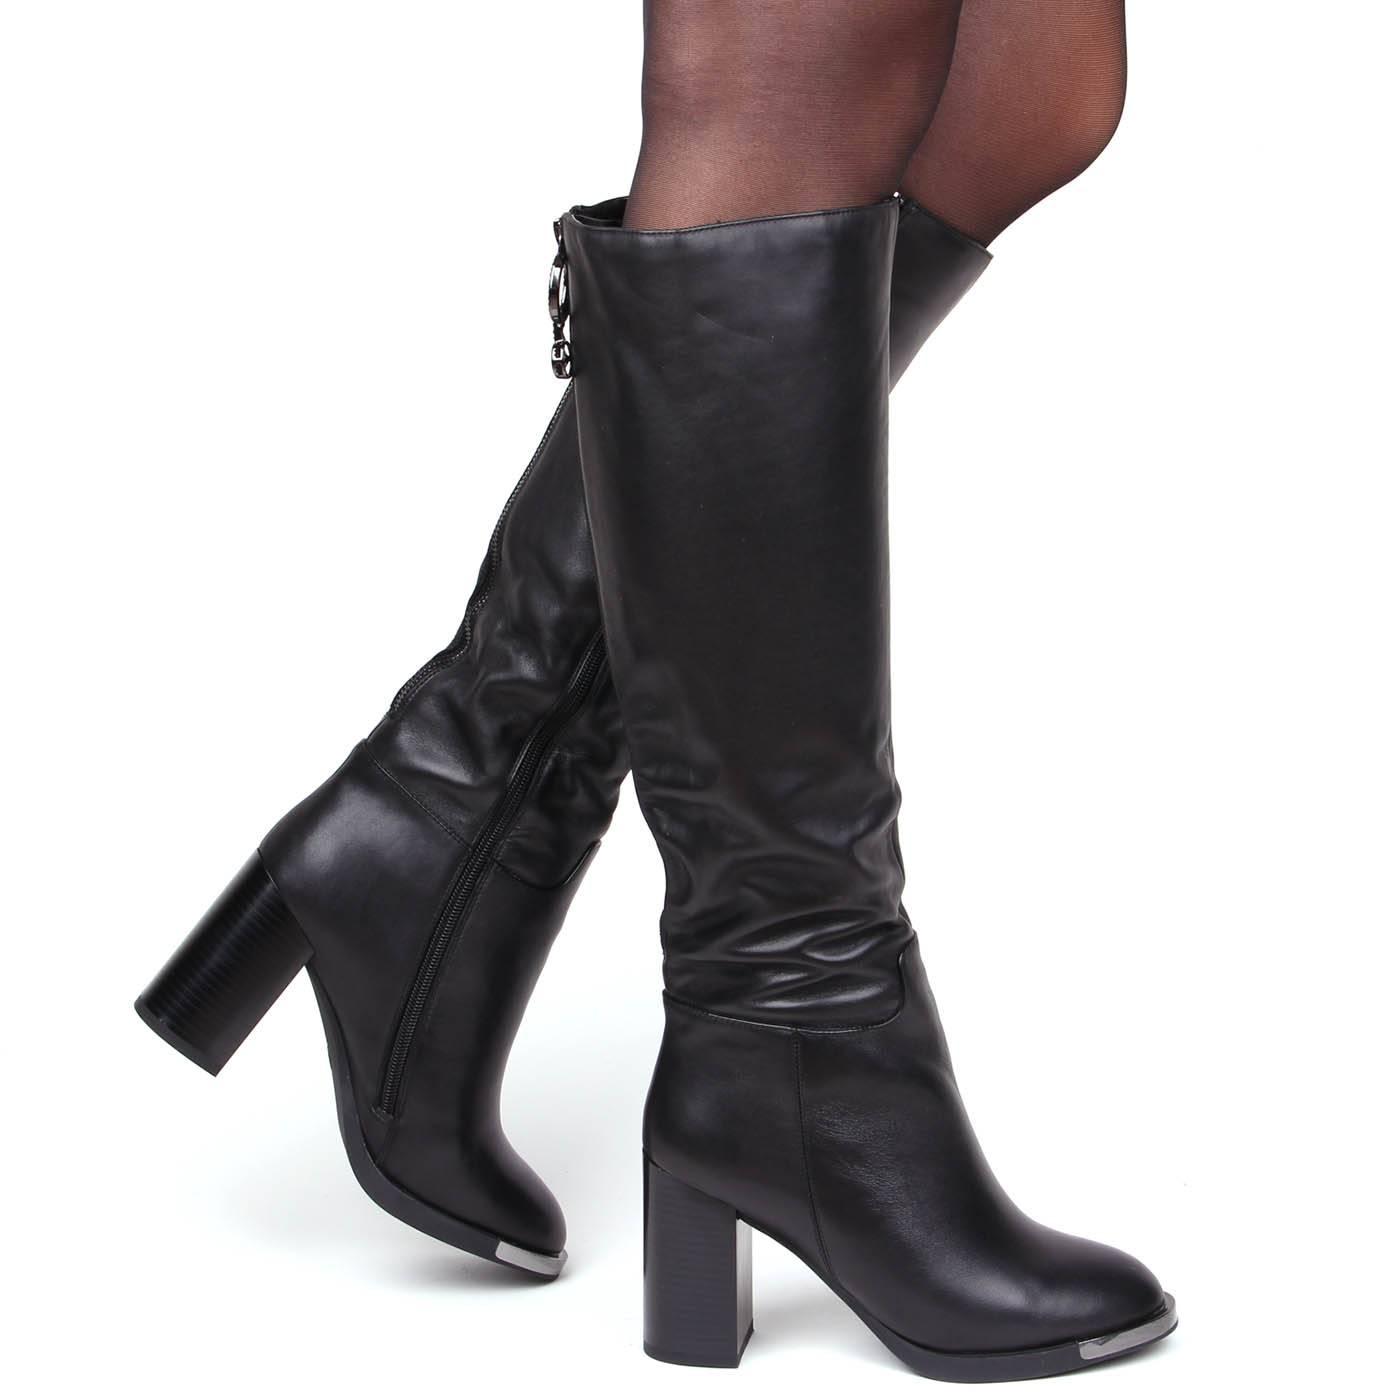 Чоботи жіночі ditto 6973 Чорний купить по выгодной цене в интернет ... 24aac8107ff26